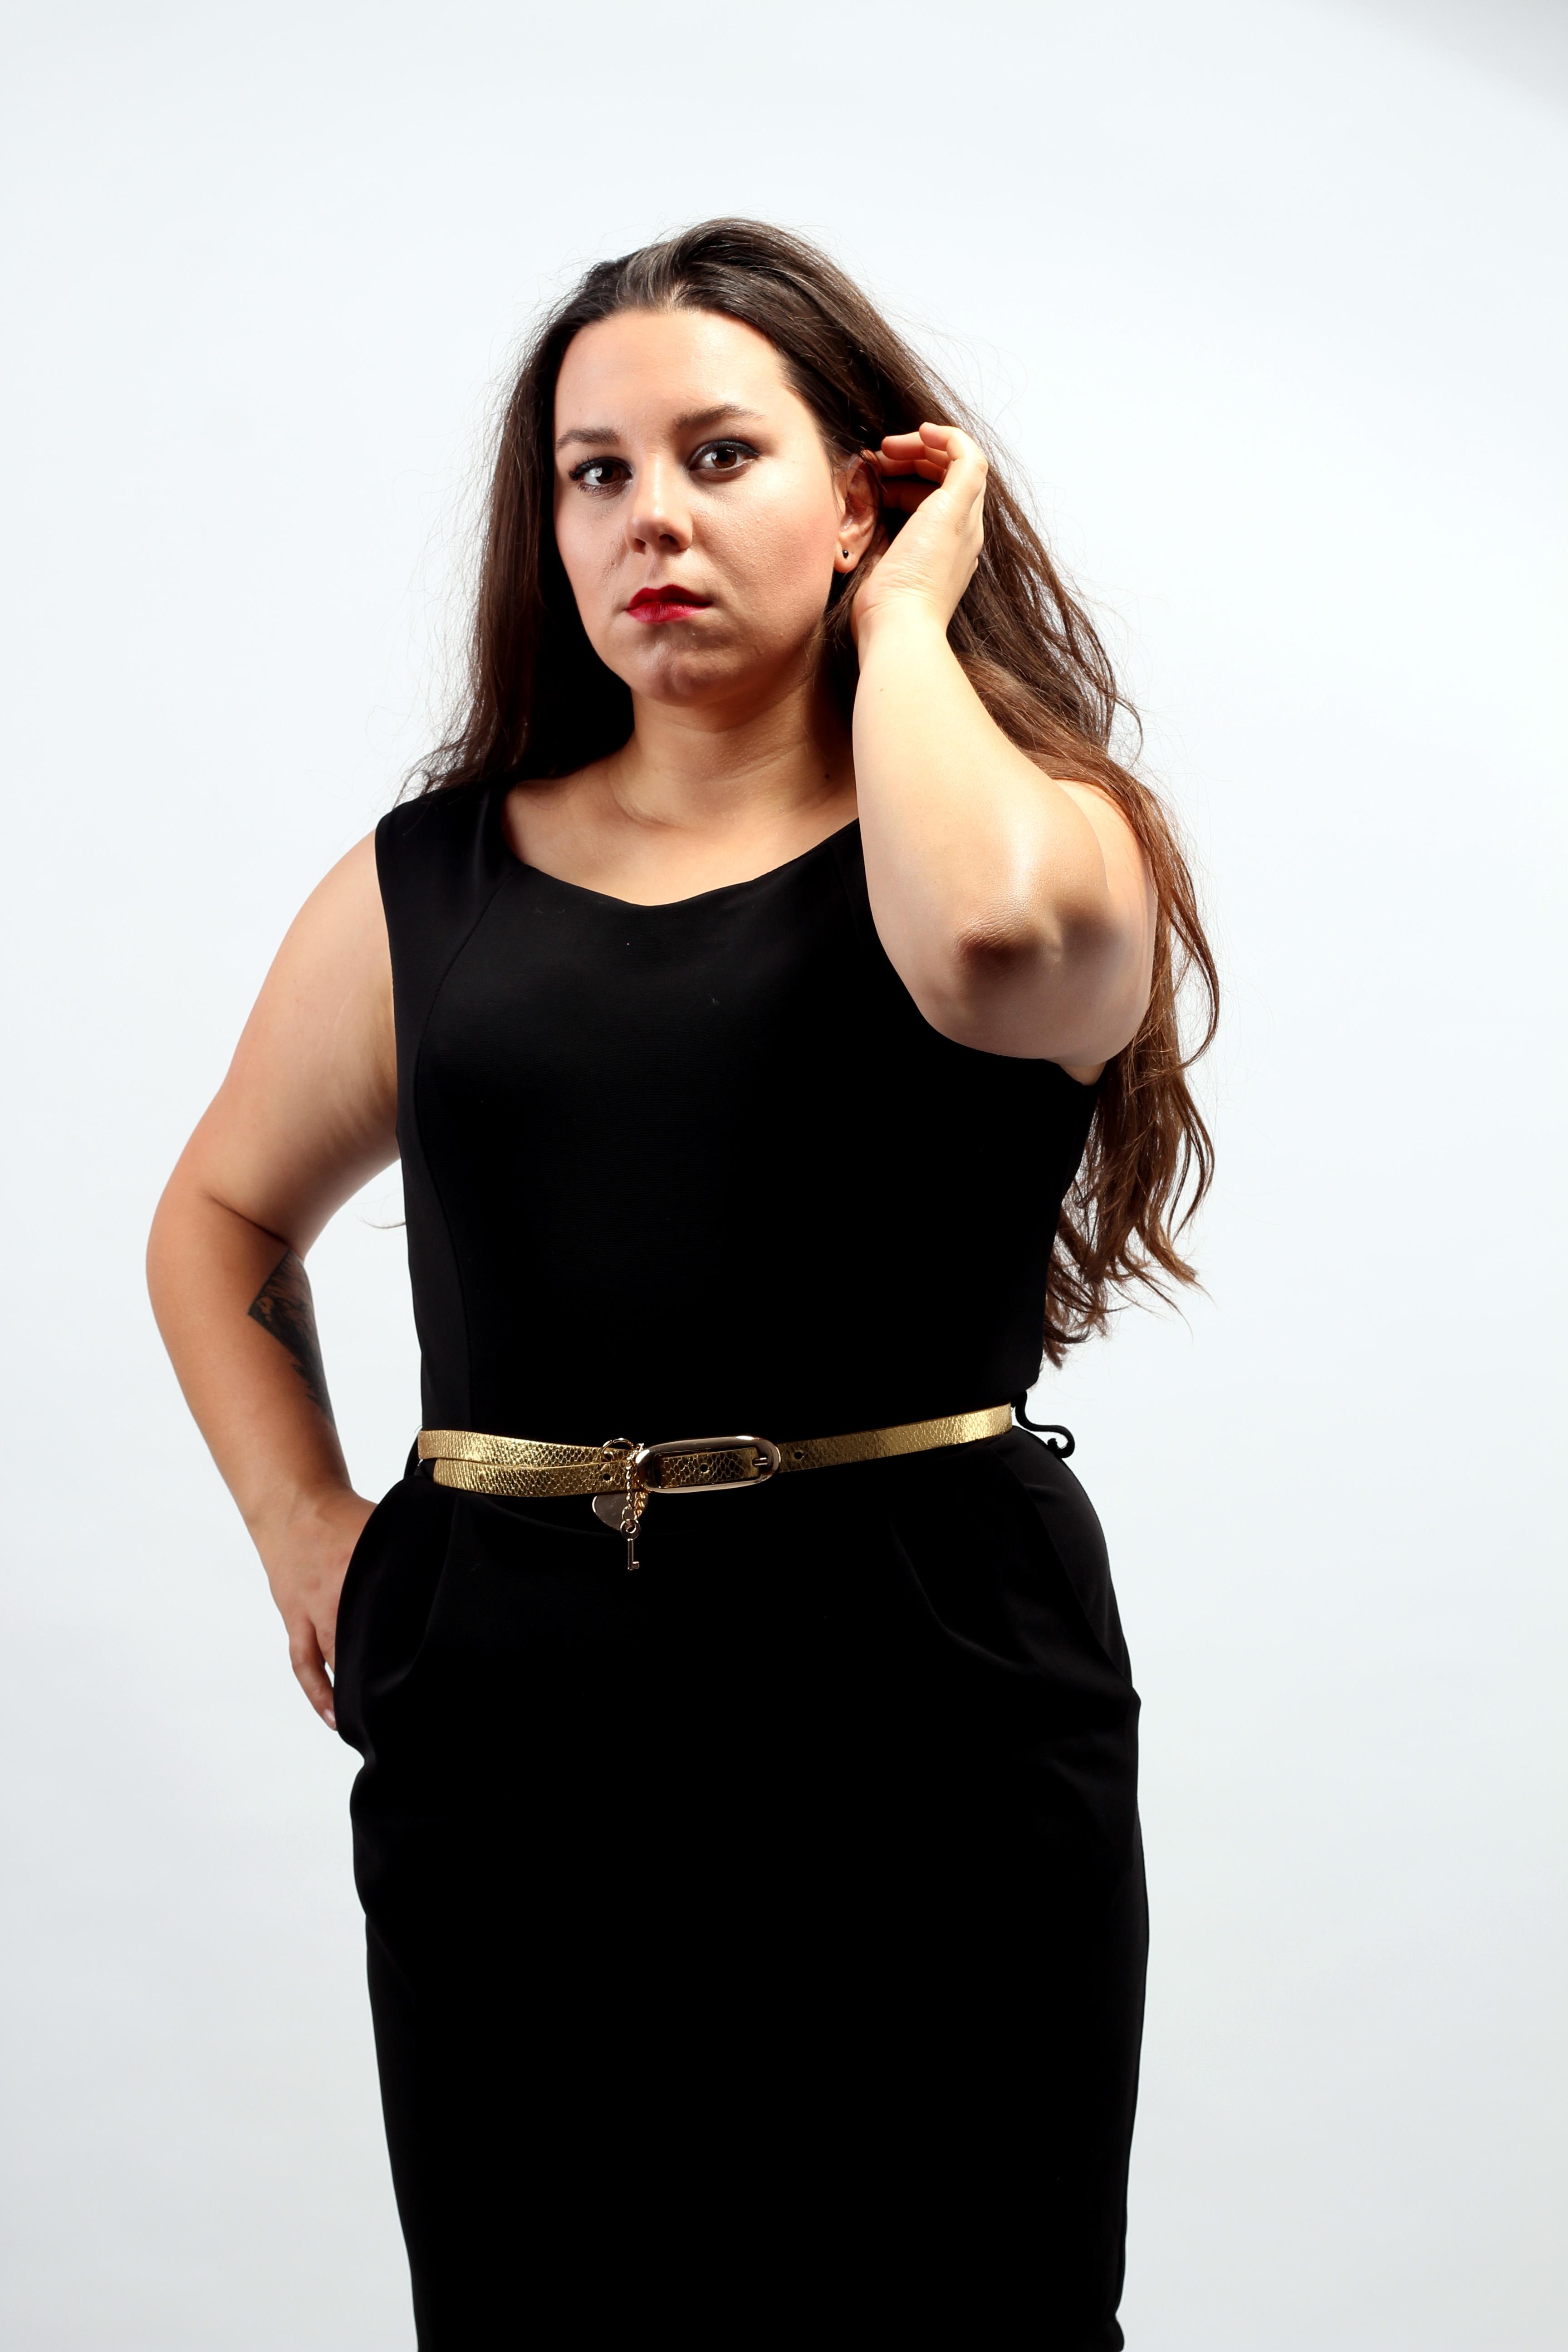 Malé čierne šaty so zlatým opaskom spolu za 1€. Zdroj: Klaudia Šútorová